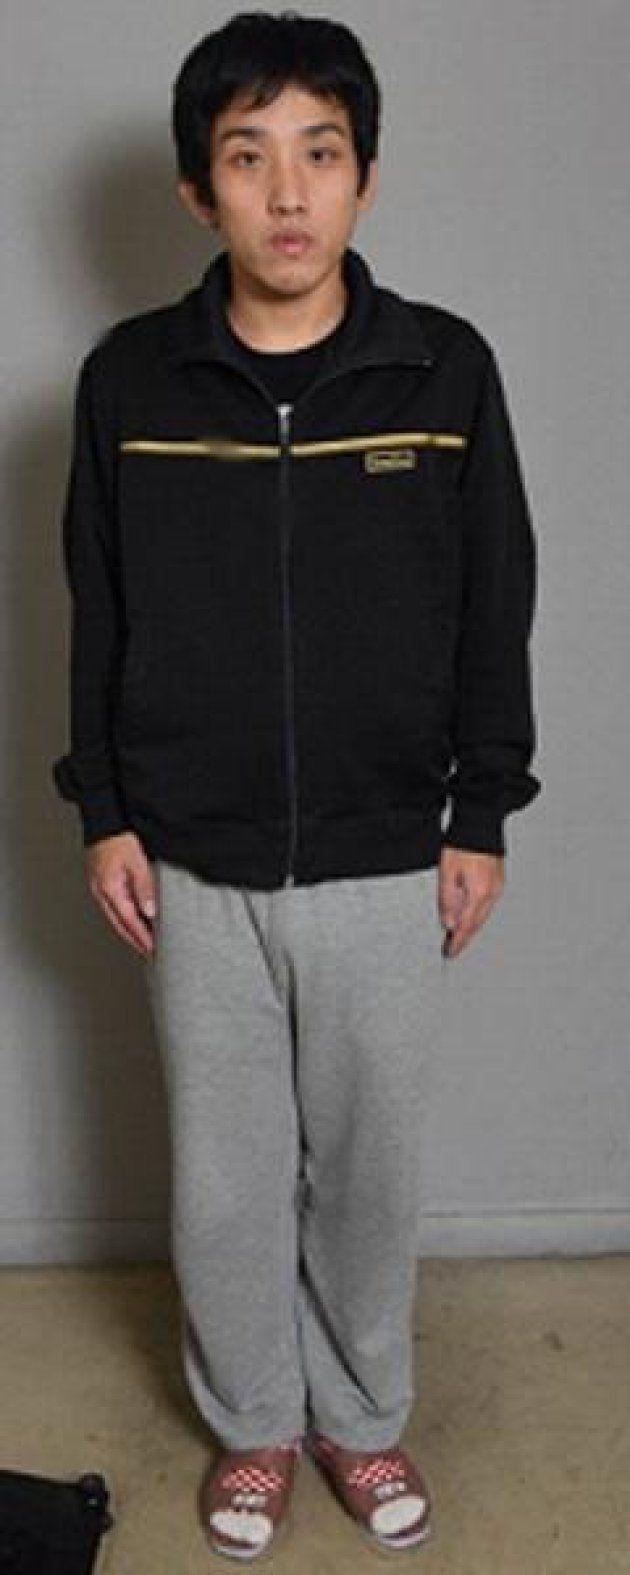 大阪府警が富田林署から逃走した樋田容疑者の似顔絵8種類を公開